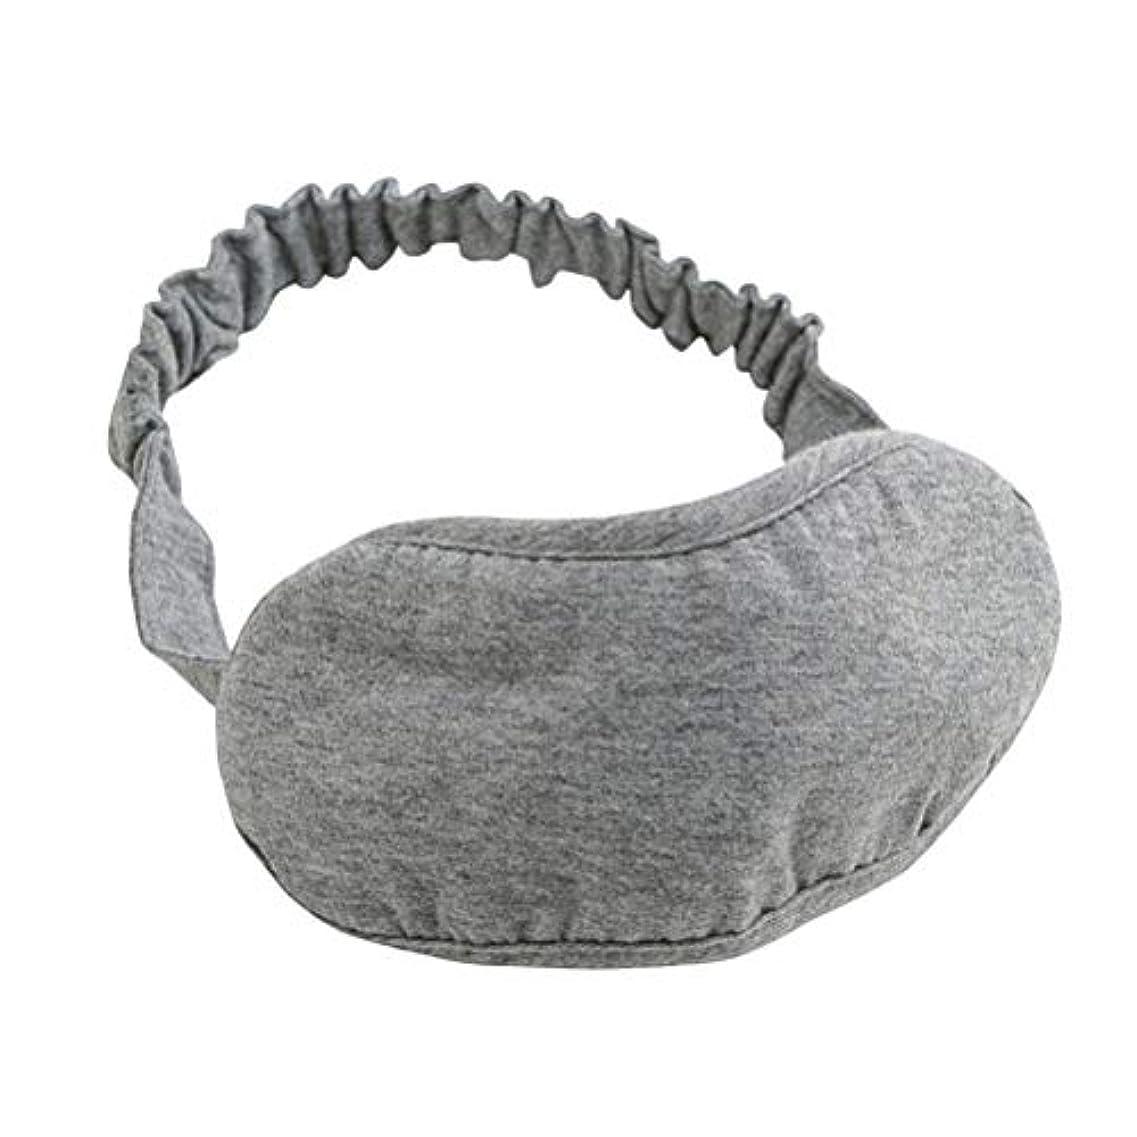 調停する実現可能性正確さHEALIFTY 睡眠目隠しコットンアイマスクアイシェードナップカバー厚い目隠しスリーピングレストトラベルオフィス用アイパッチ(グレー)